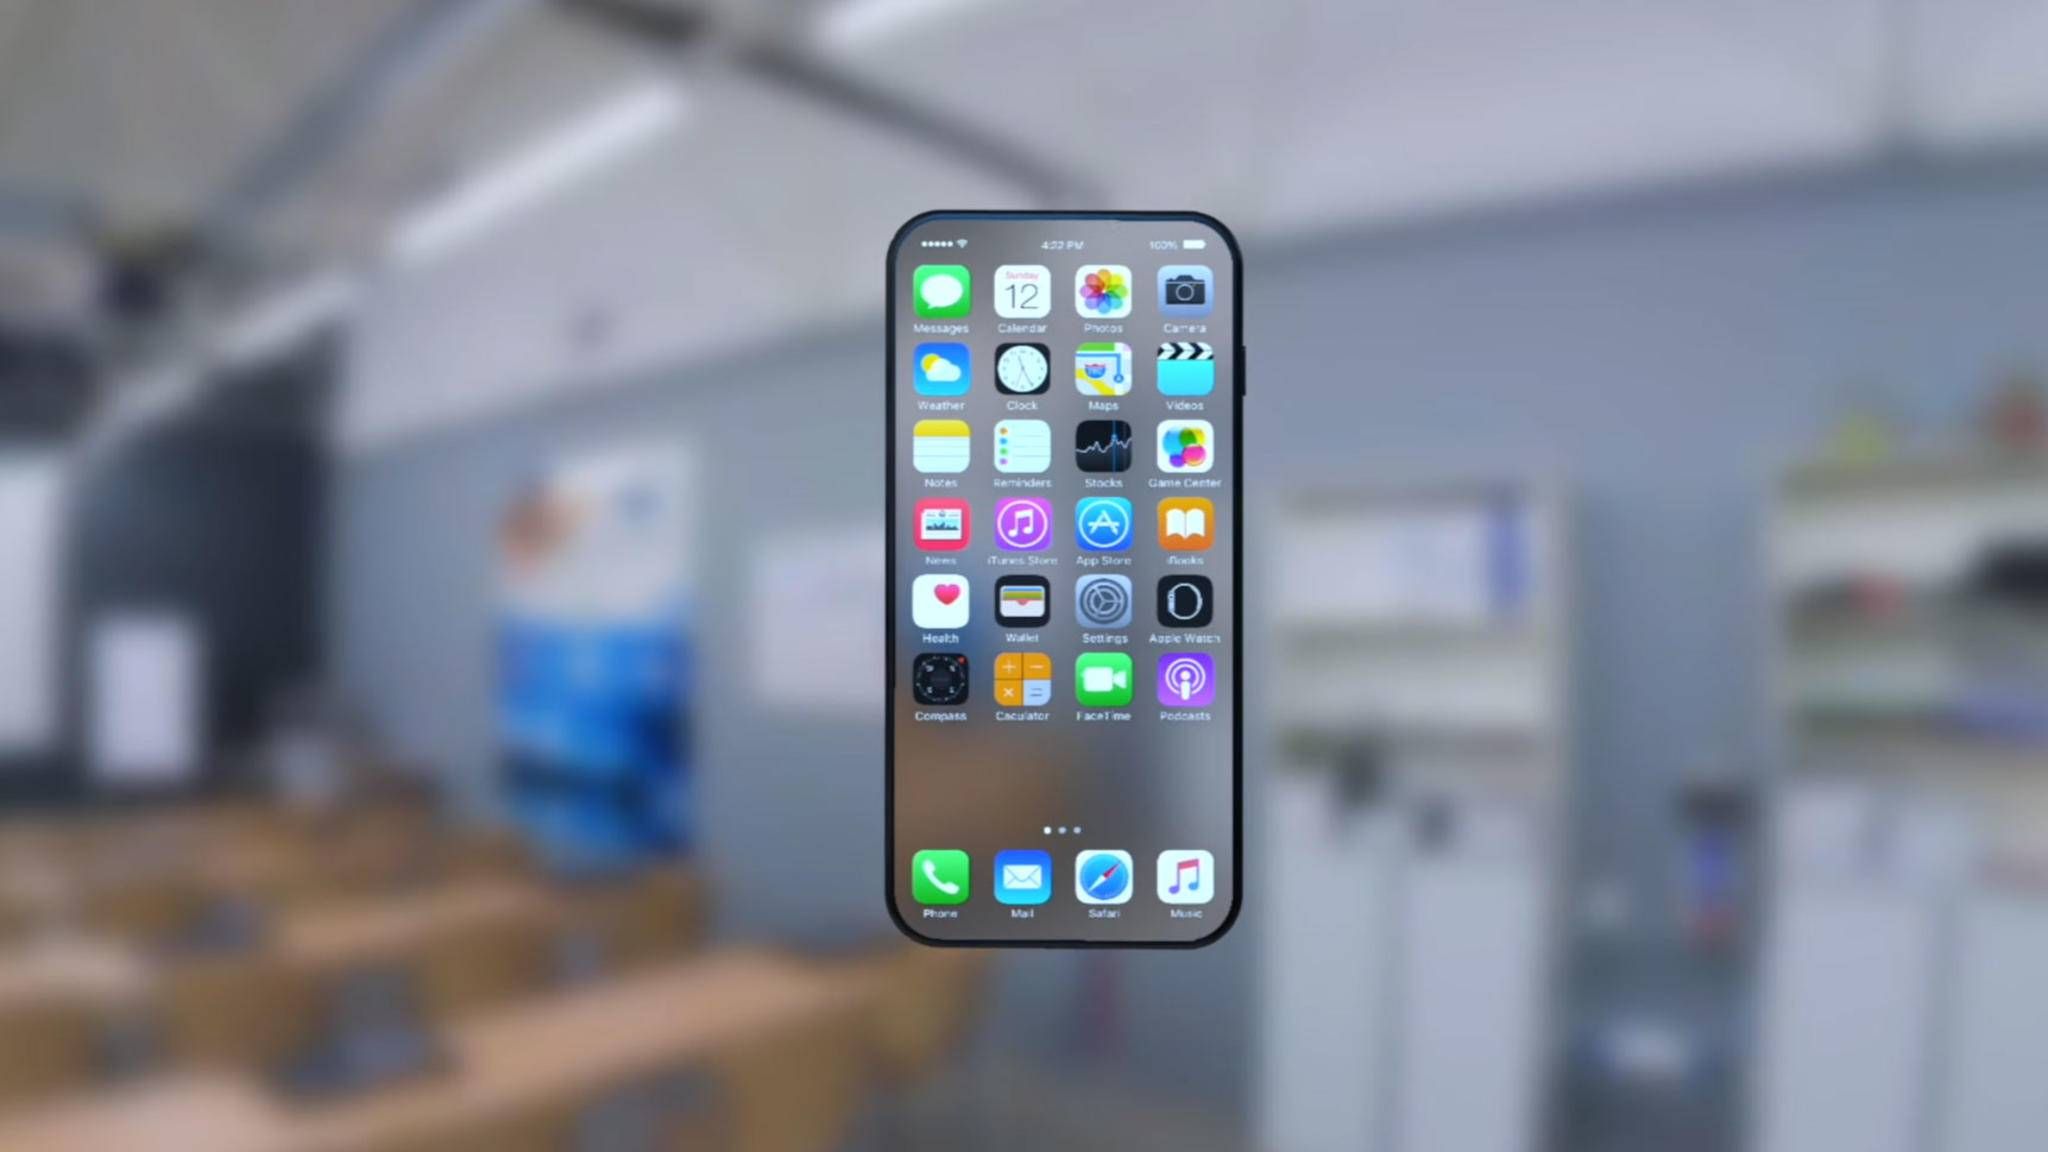 Der Fingerabdruckscanner im iPhone 8 könnte unterhalb des Bildschirms verbaut sein.